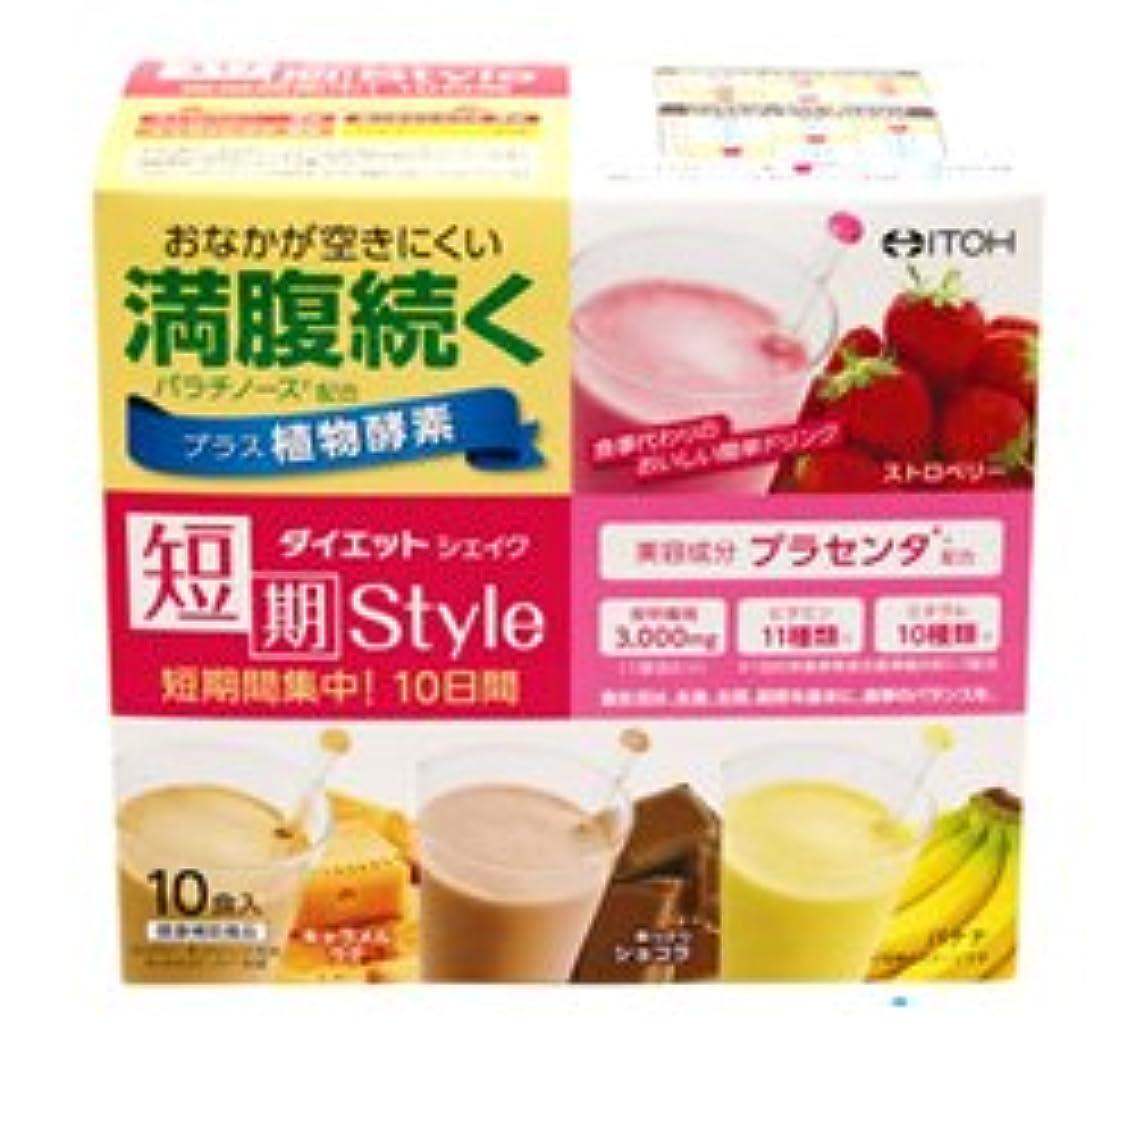 覚醒質素なヶ月目【井藤漢方製薬】短期スタイル ダイエットシェイク 10包 ×3個セット